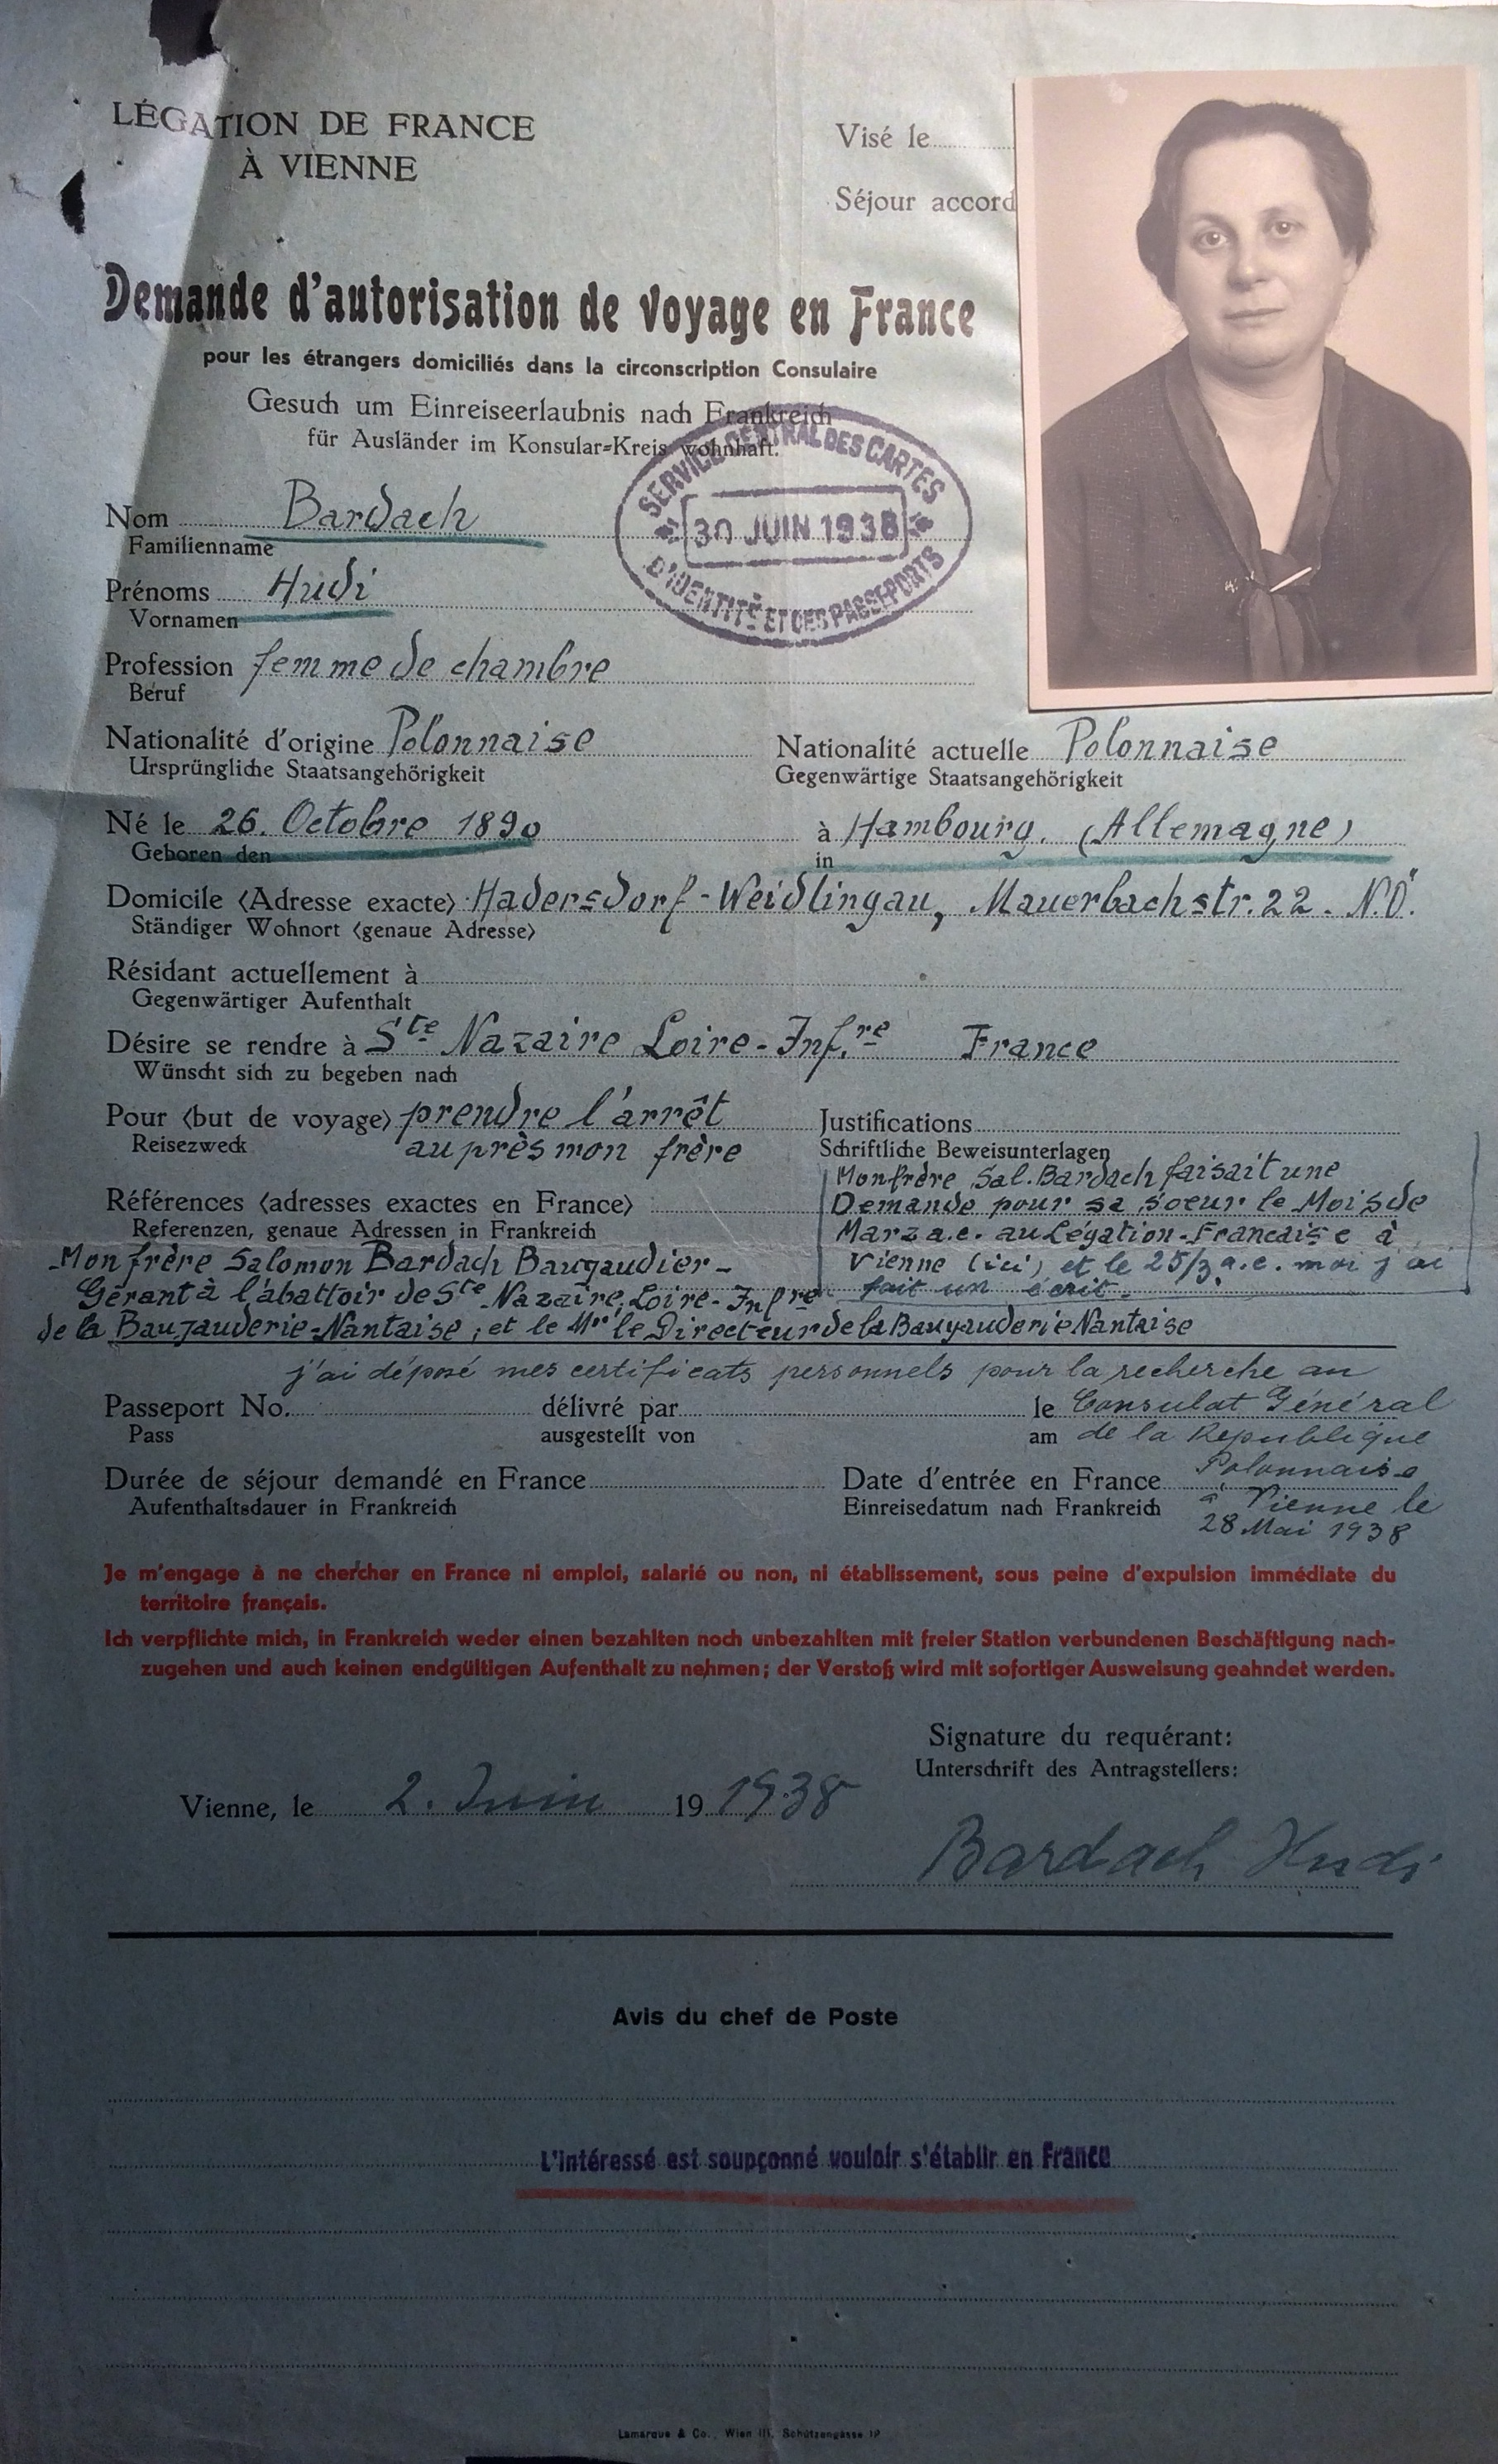 [Archives Nationales, dossiers de la Police de Sûreté, 19940434/0086]